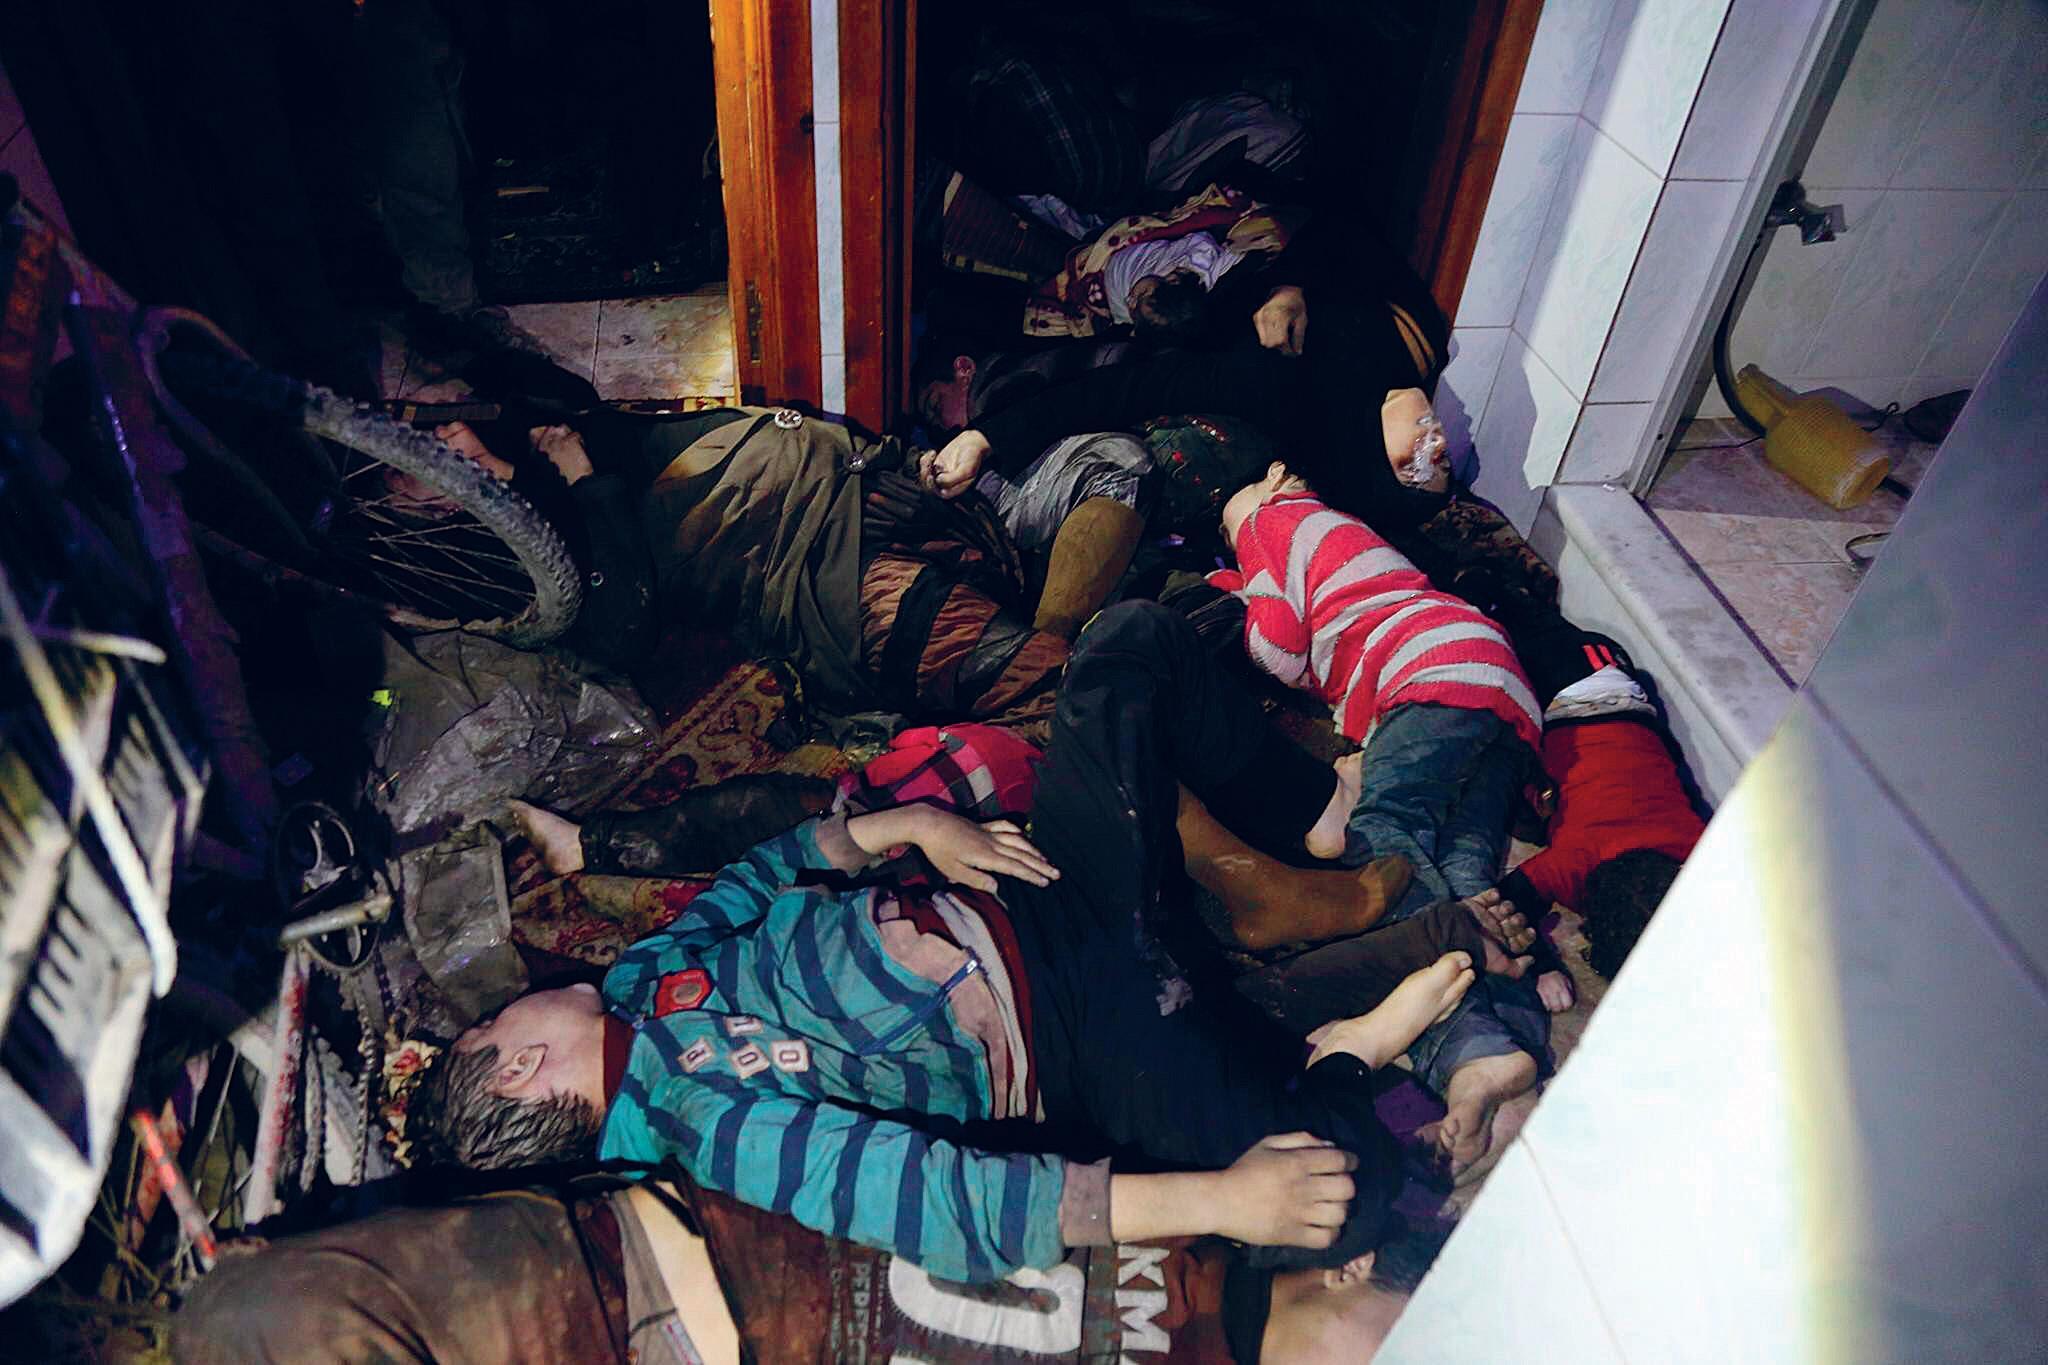 Syyrian siviilipuolustus -järjestö julkaisi huhtikuussa kuvia kaasuhyökkäyksen uhreista. Venäjän mukaan isku oli lavastettu.